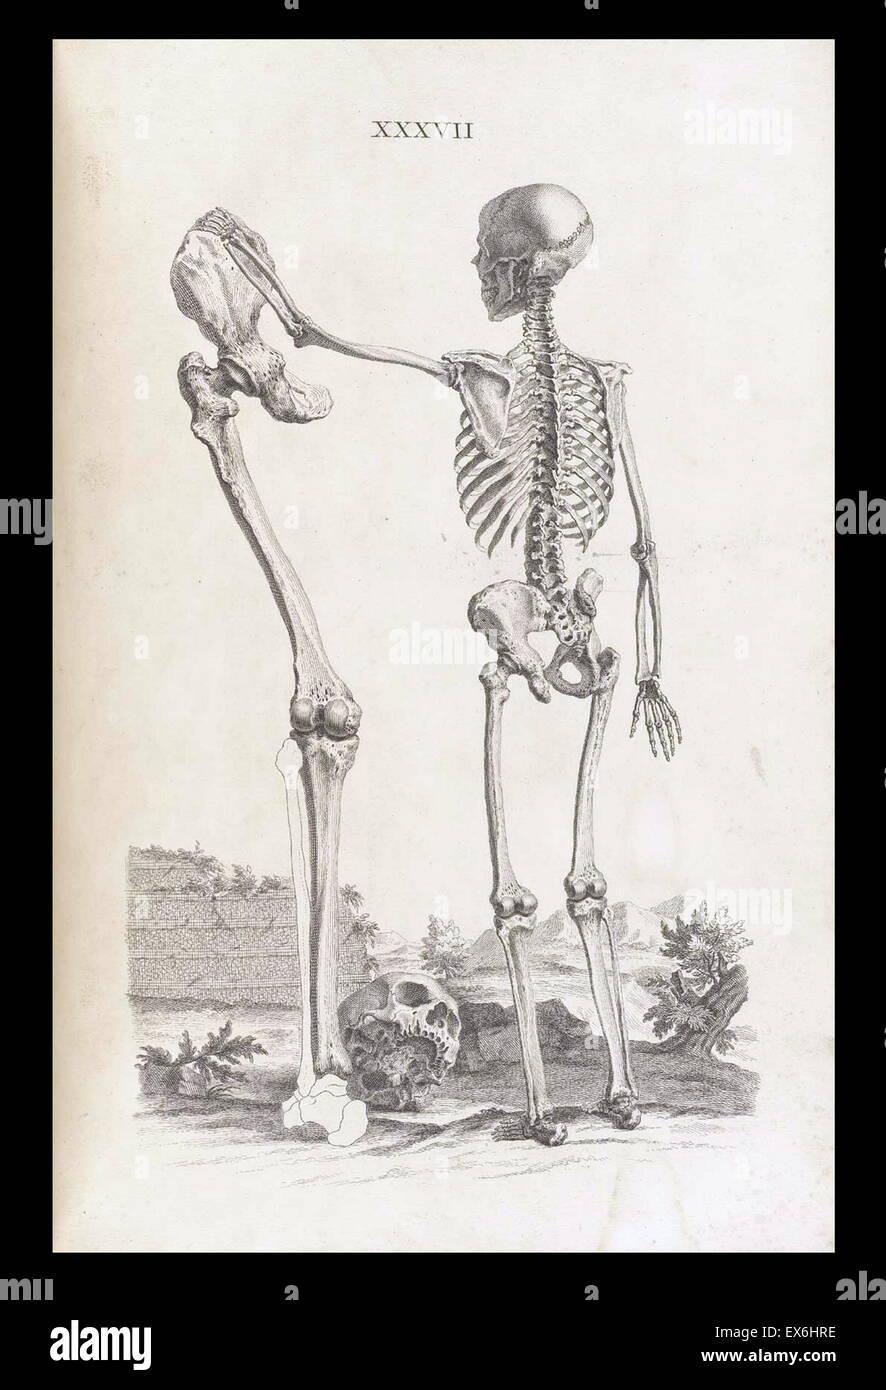 Nett Anatomie Einer Krähe Ideen - Anatomie Von Menschlichen ...